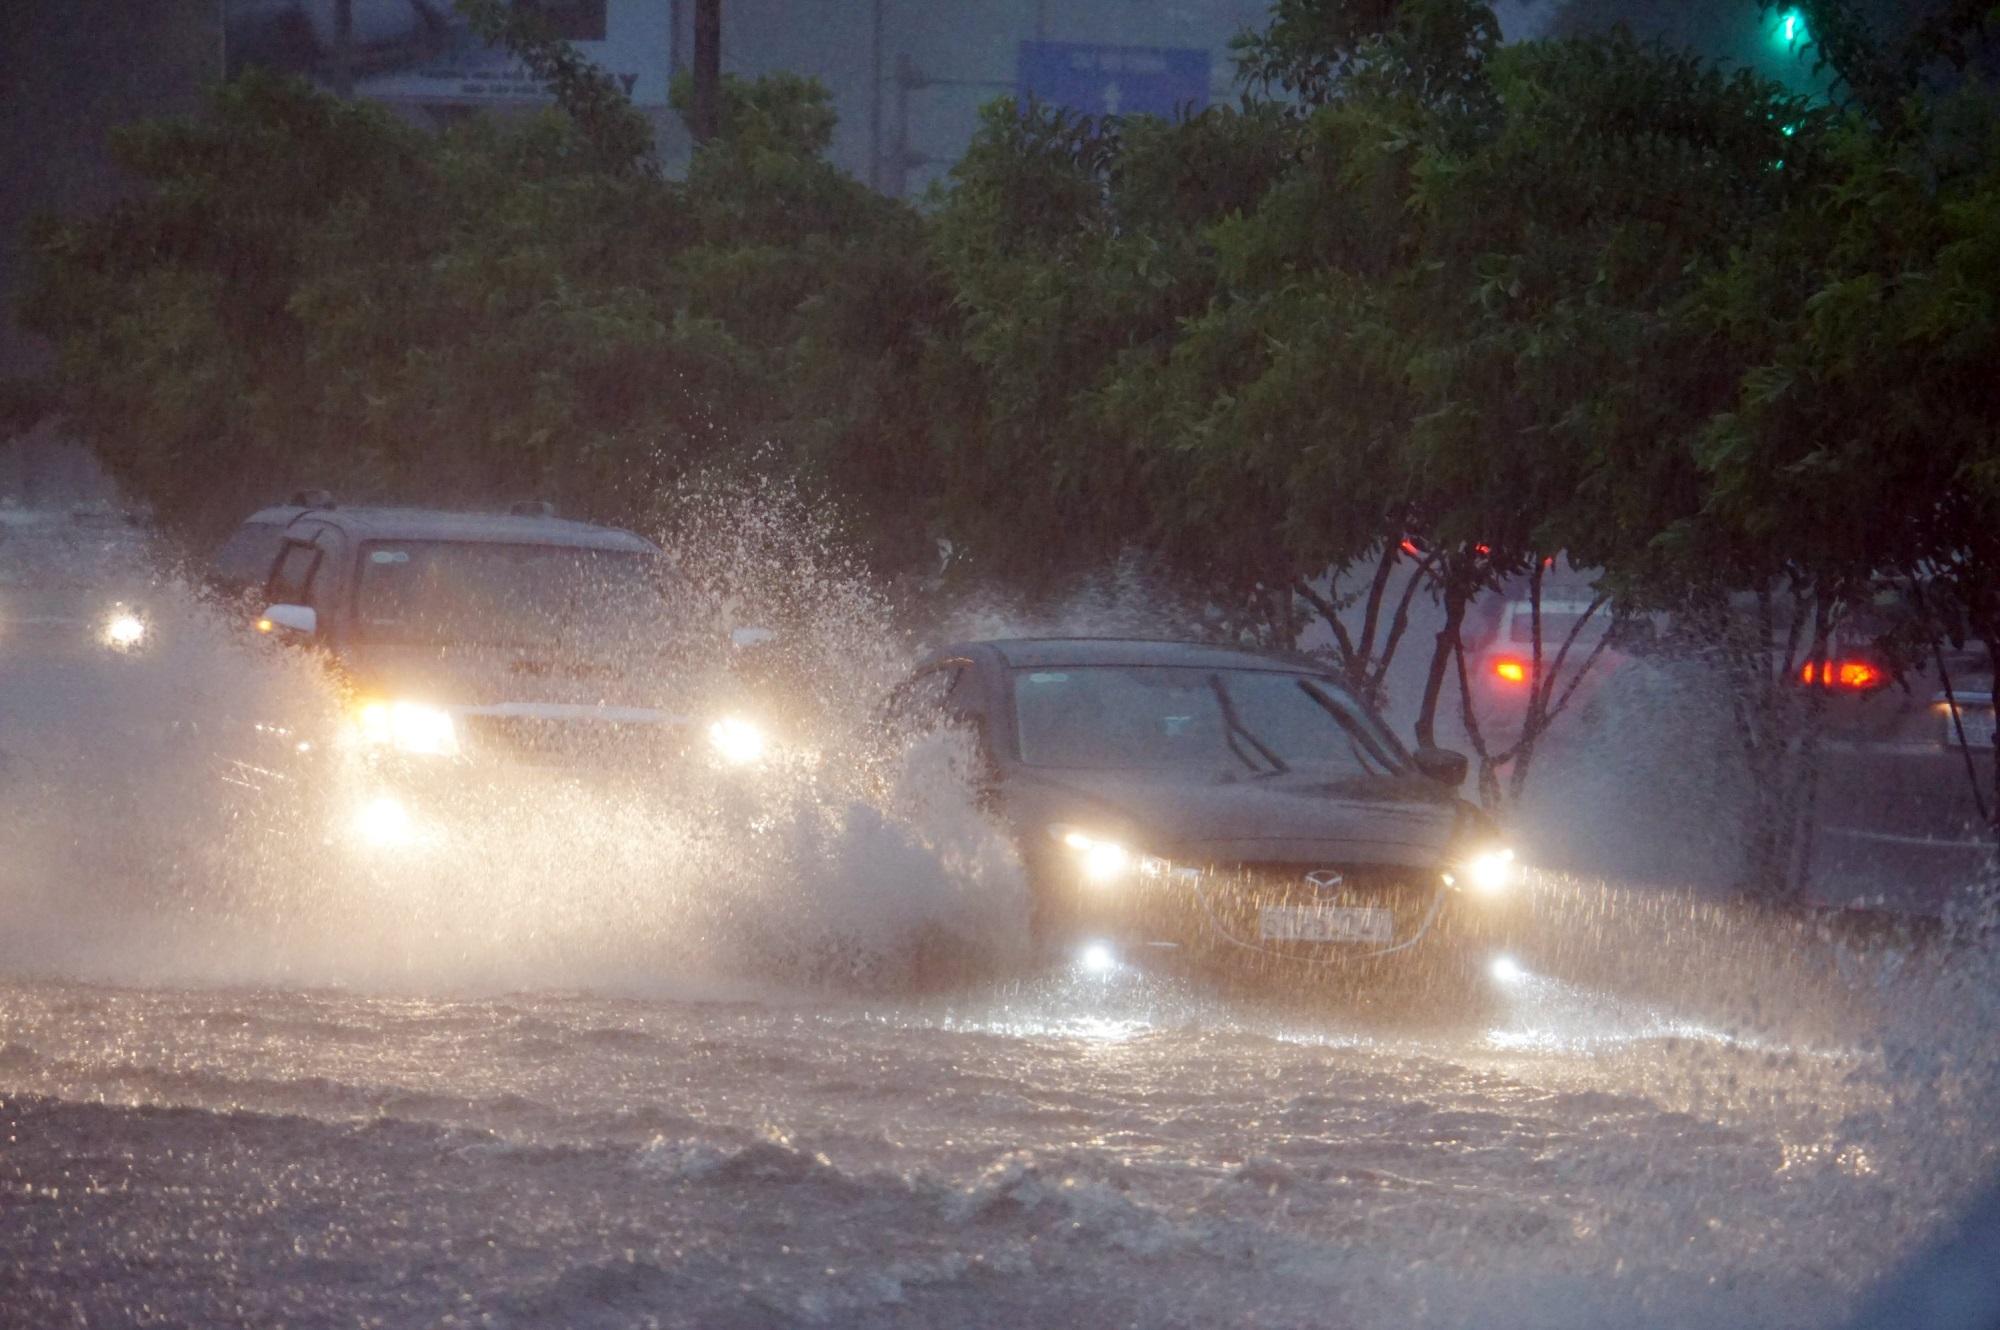 Sài Gòn ngập kinh hoàng, cây ngã đè người đi xe máy tử vong trong tâm bão - Ảnh 6